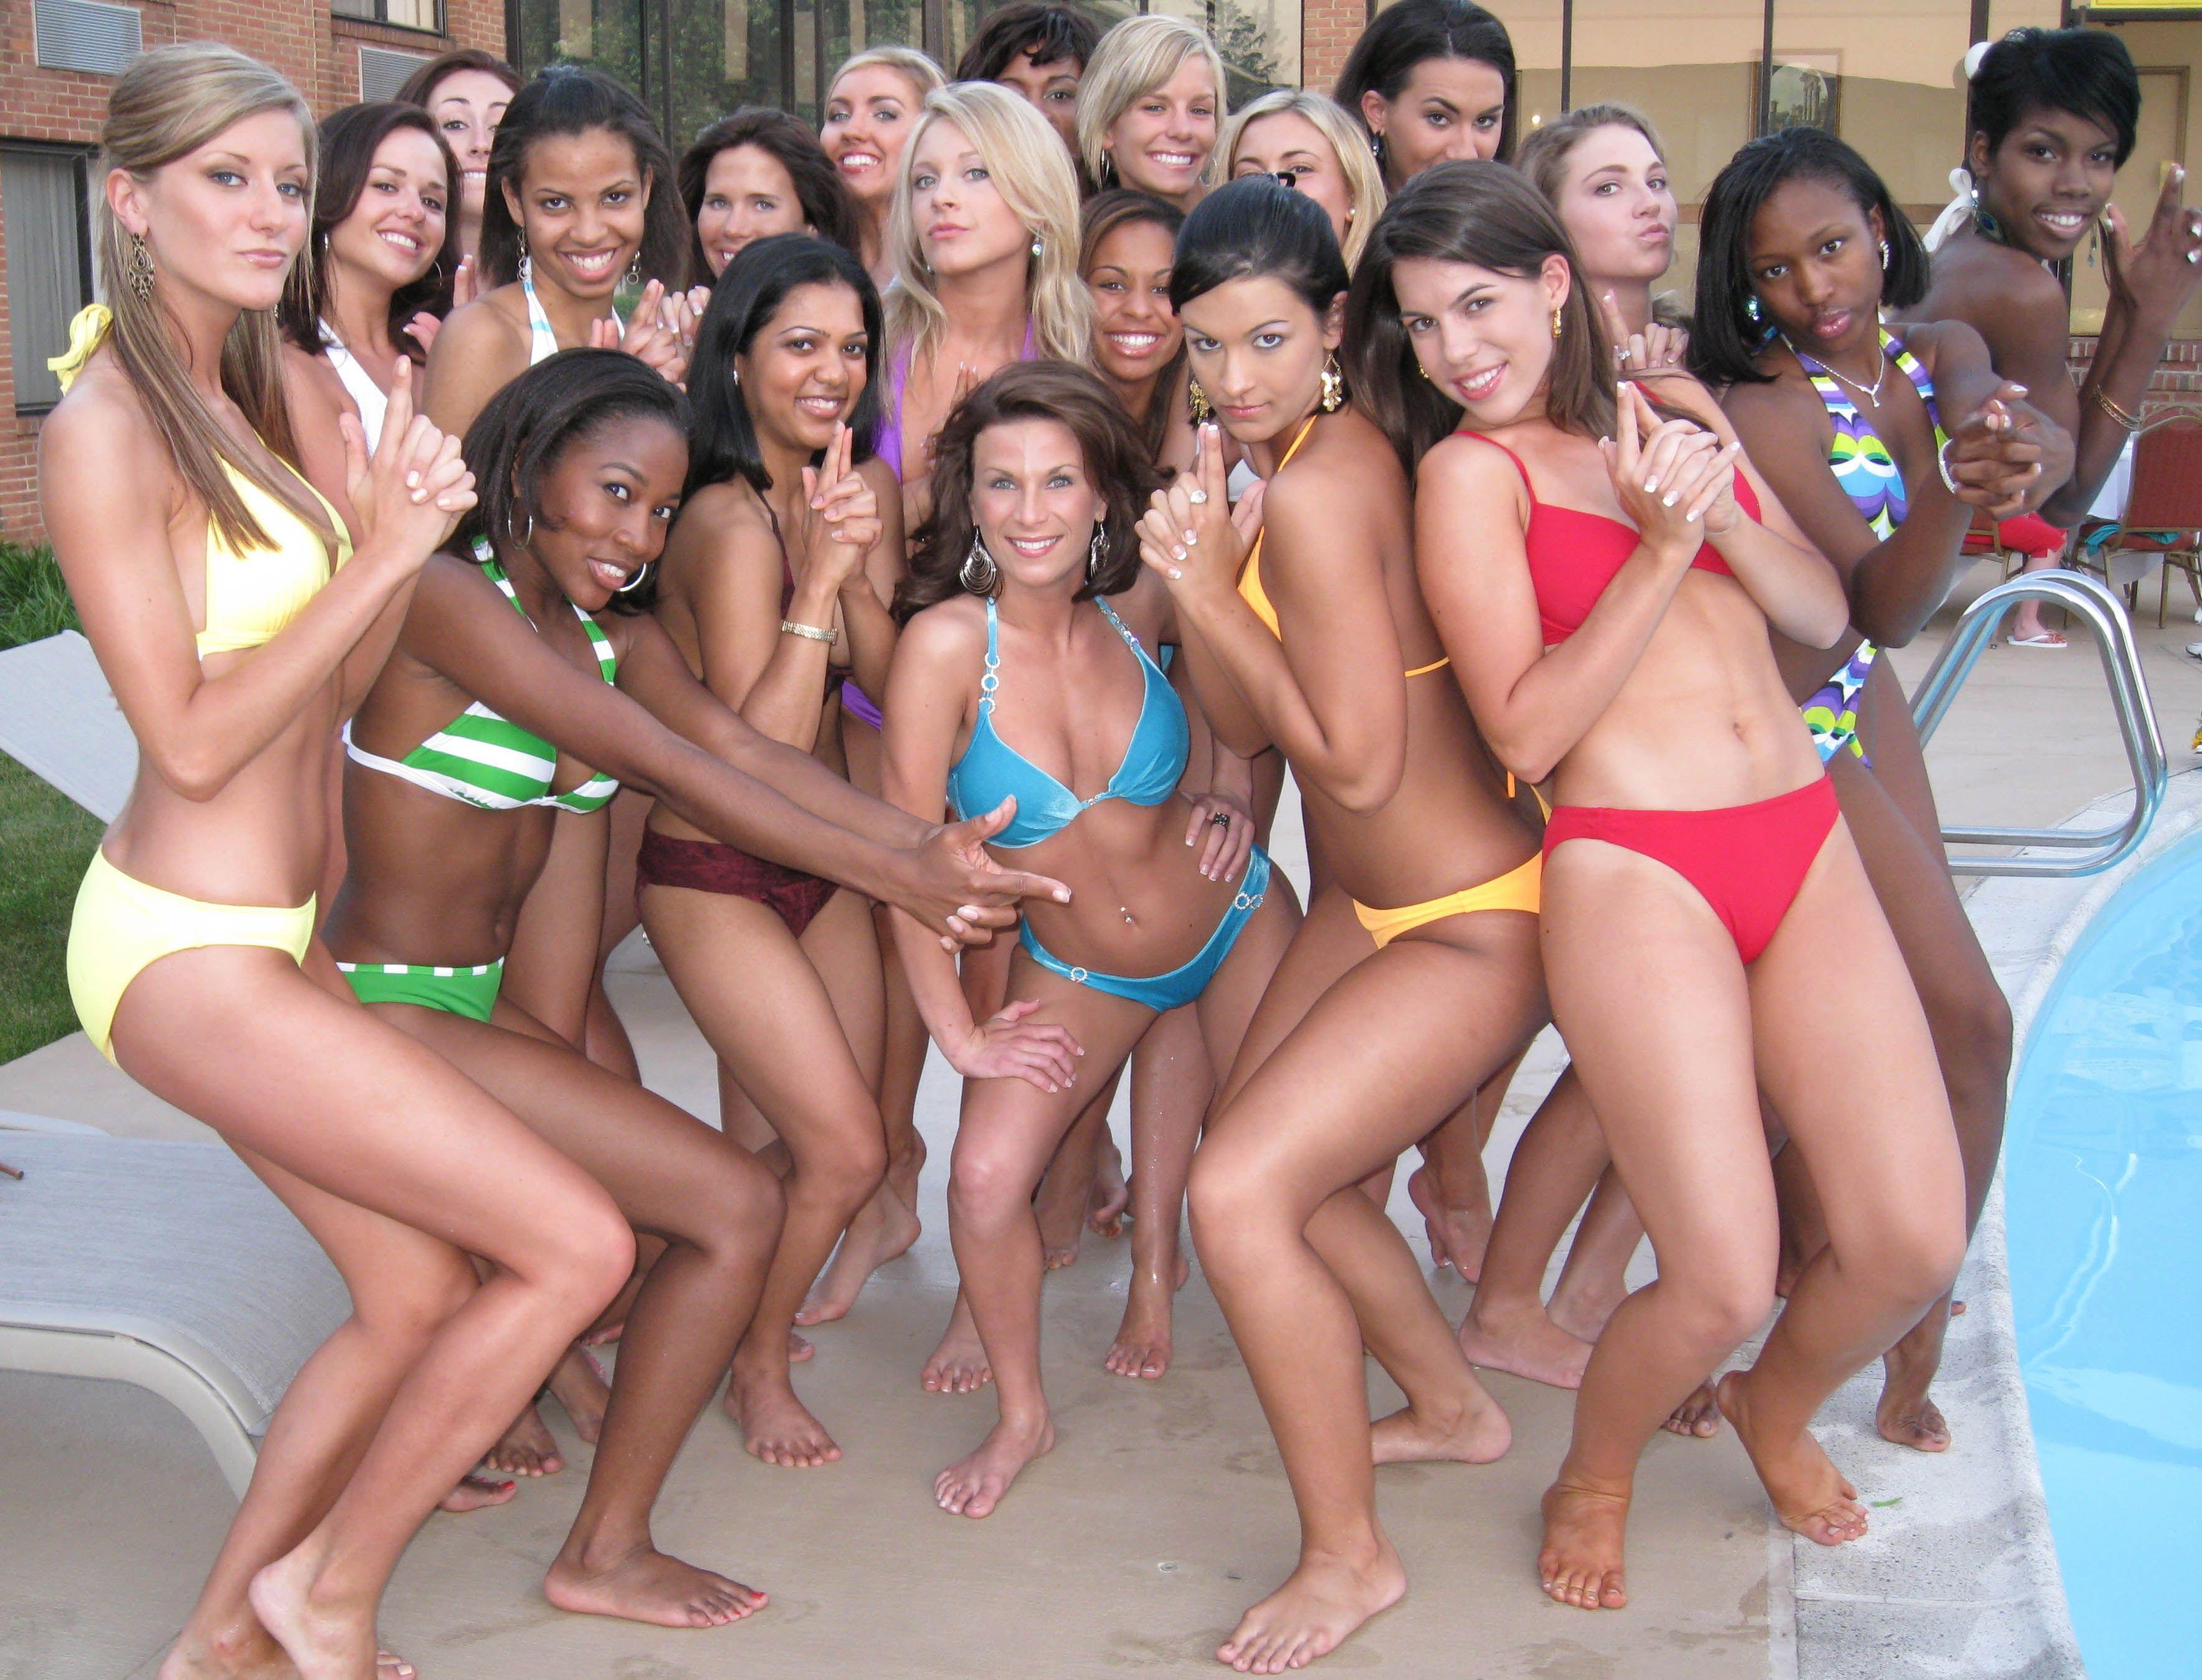 Nude teens group photo